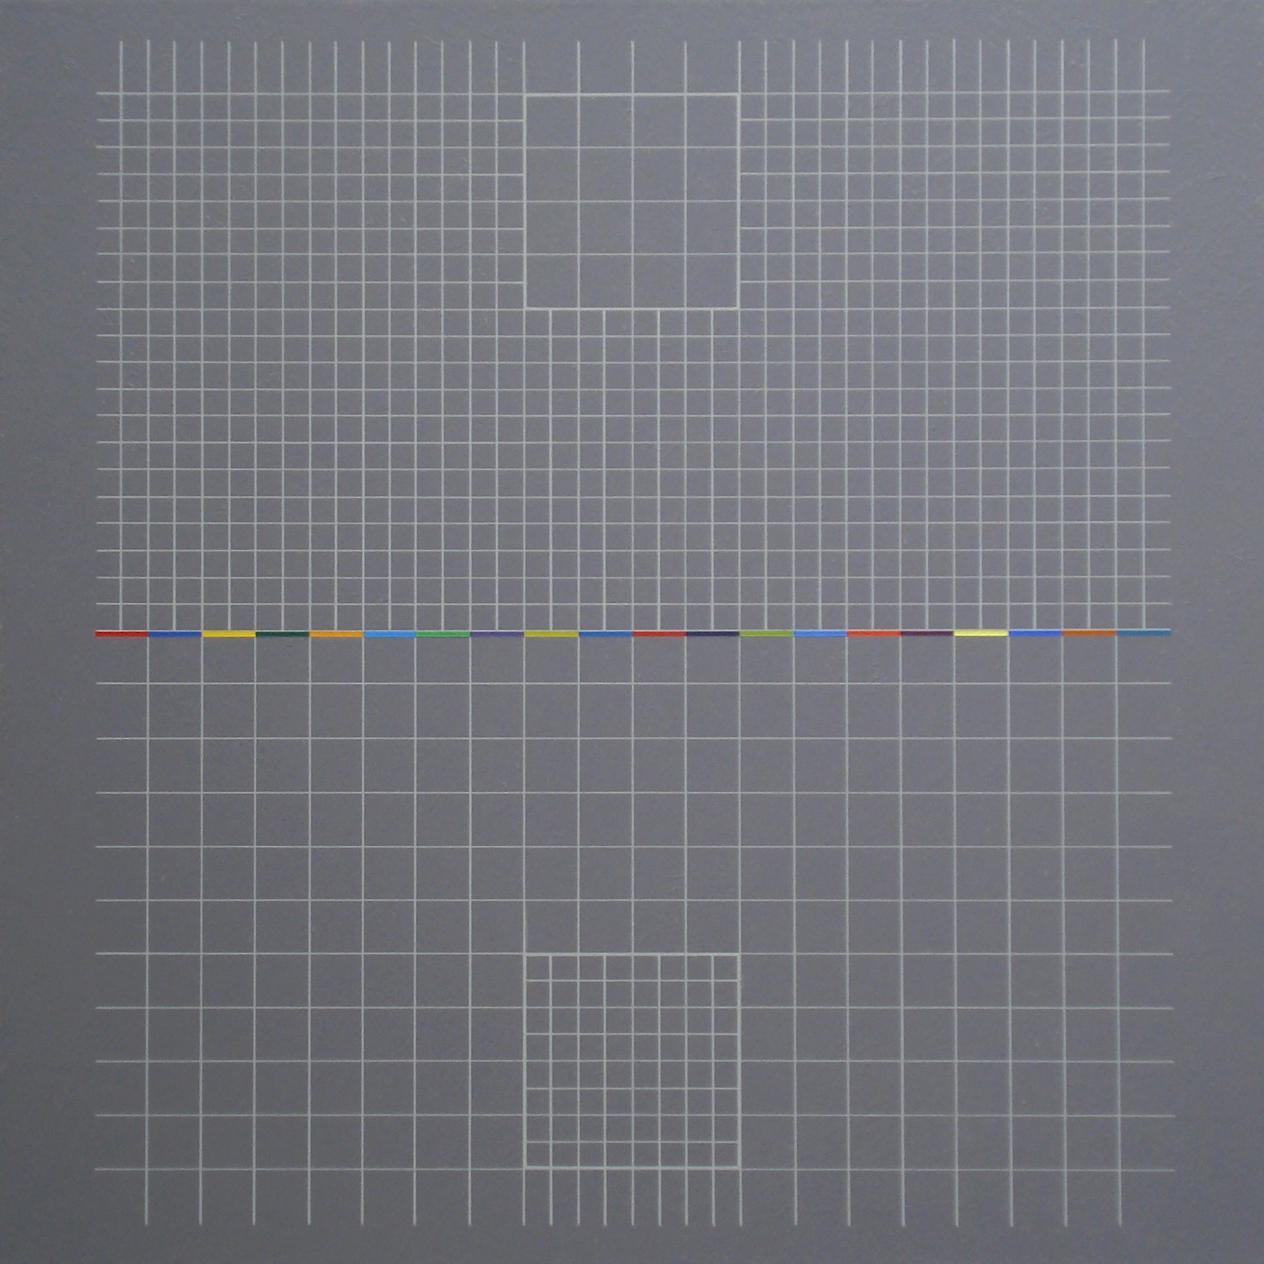 Yantra-ipsum-inversus(2)2013.Mar, acrylic on canvas, 17 3/4 x 17 3/4 in. [45x45cm]